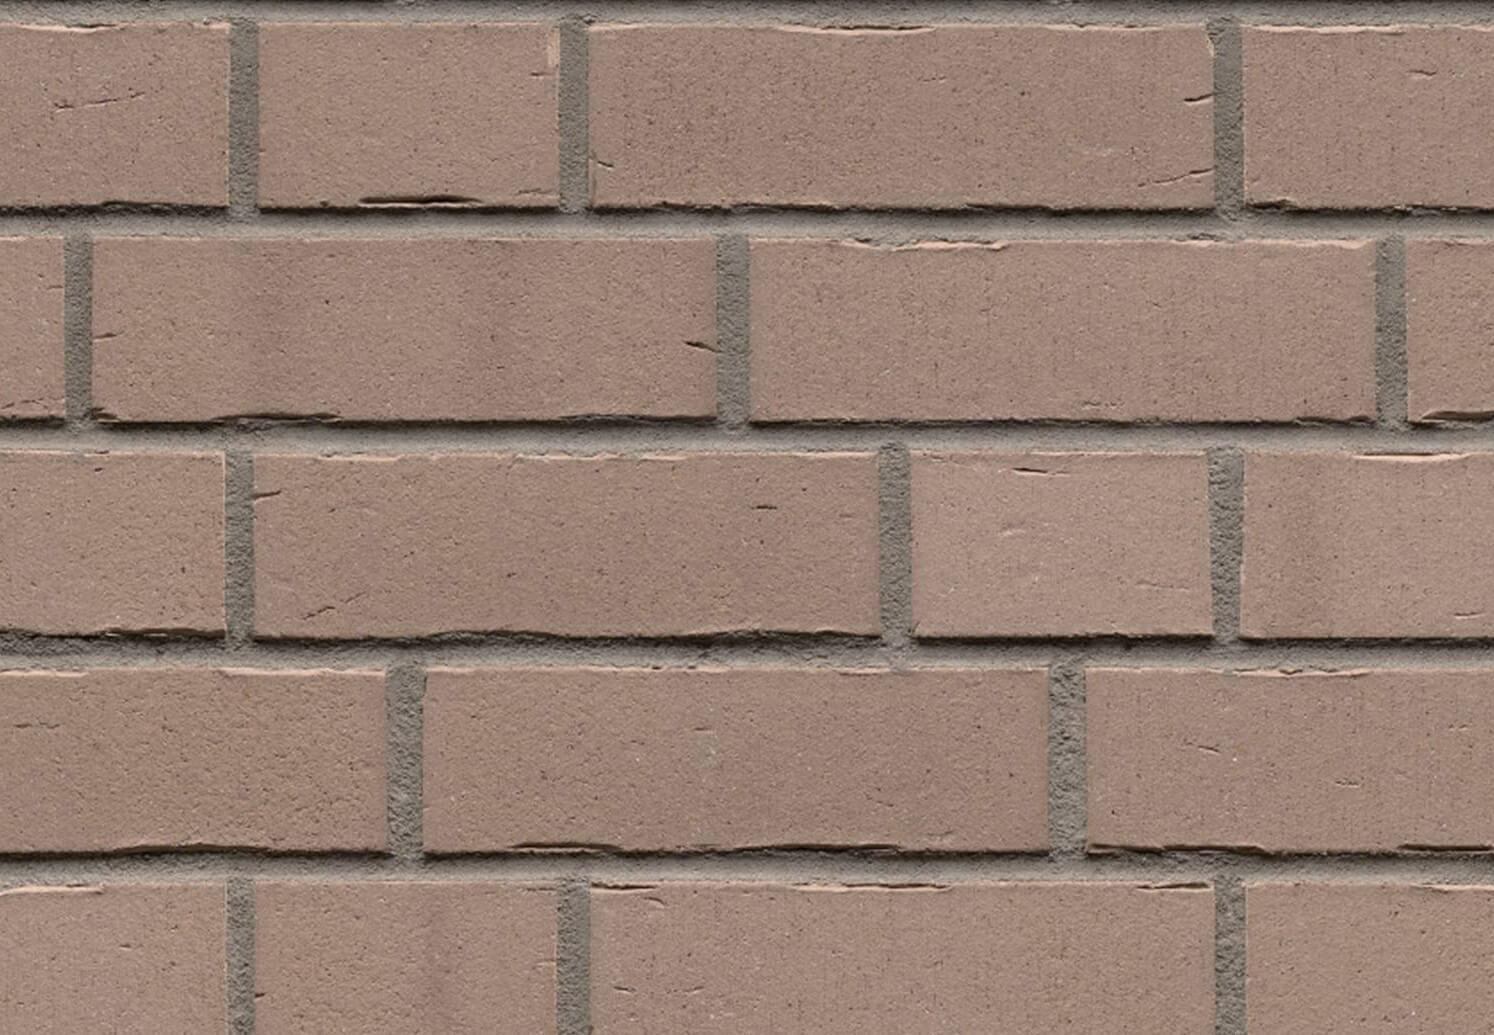 Feldhaus Klinker - R760NF14, Vascu Argo Oxana, 240x14x71 - Клинкерная плитка для фасада и внутренней отделки